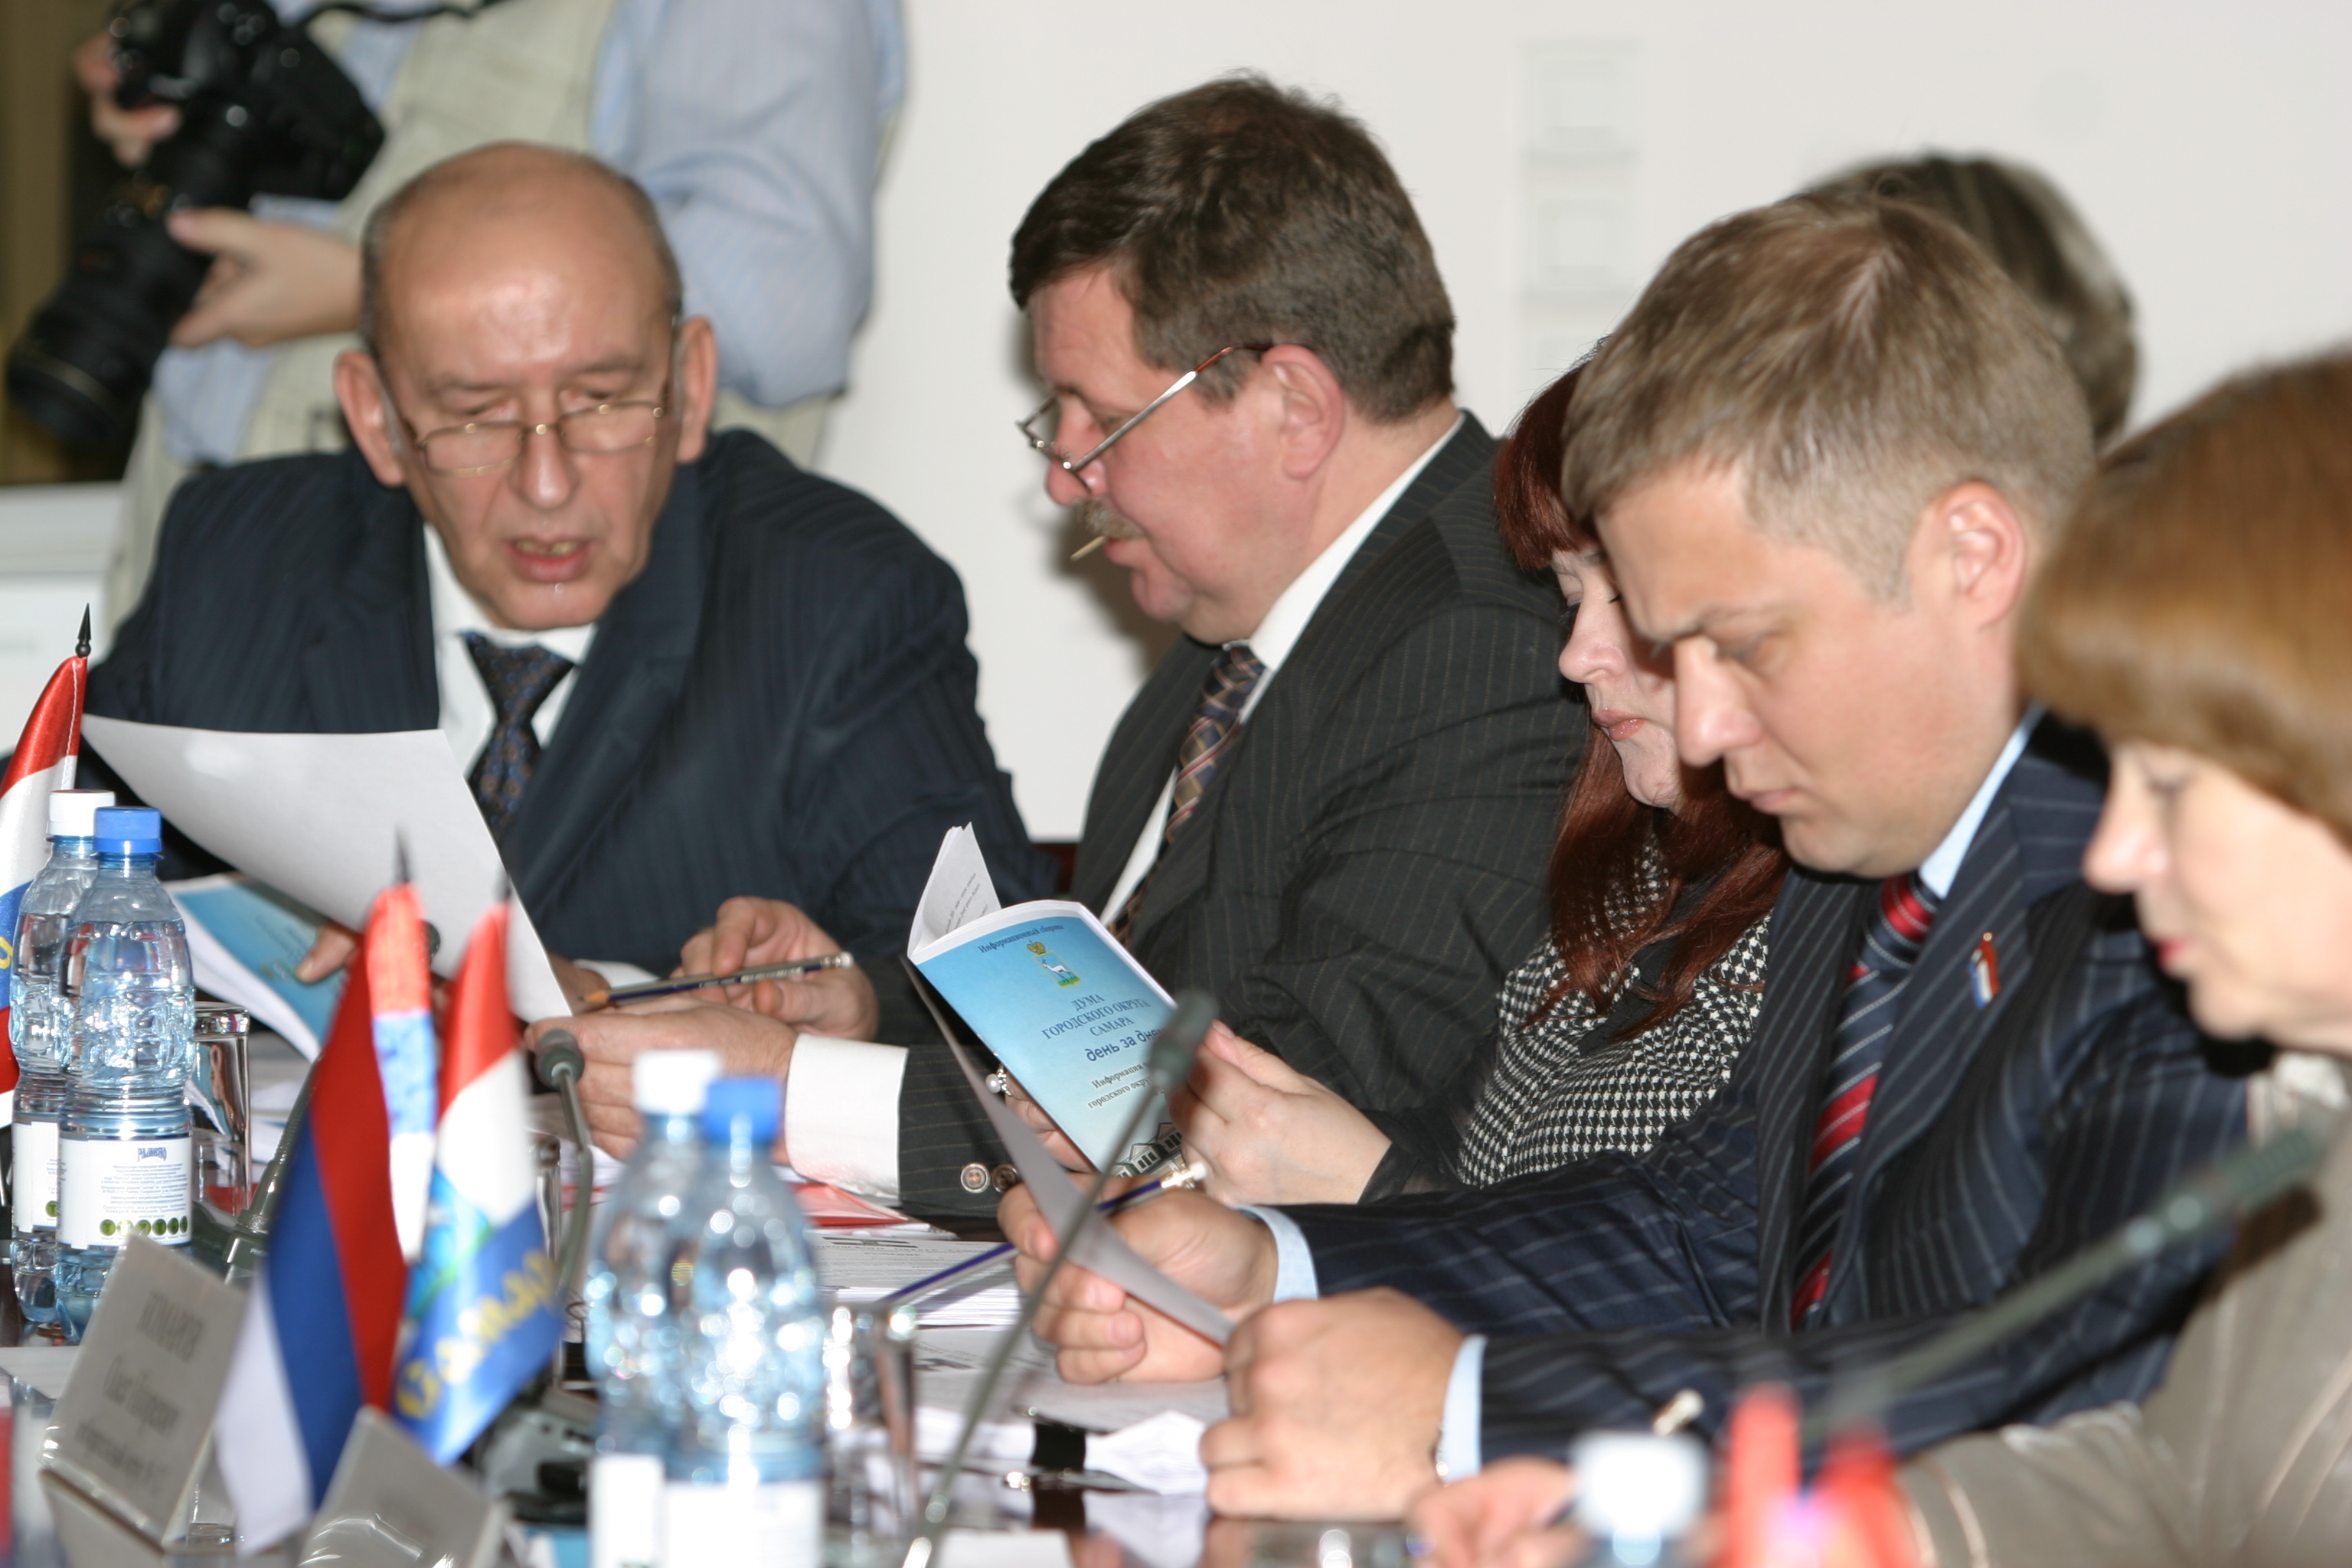 Второй слева — Михаил Анисимов